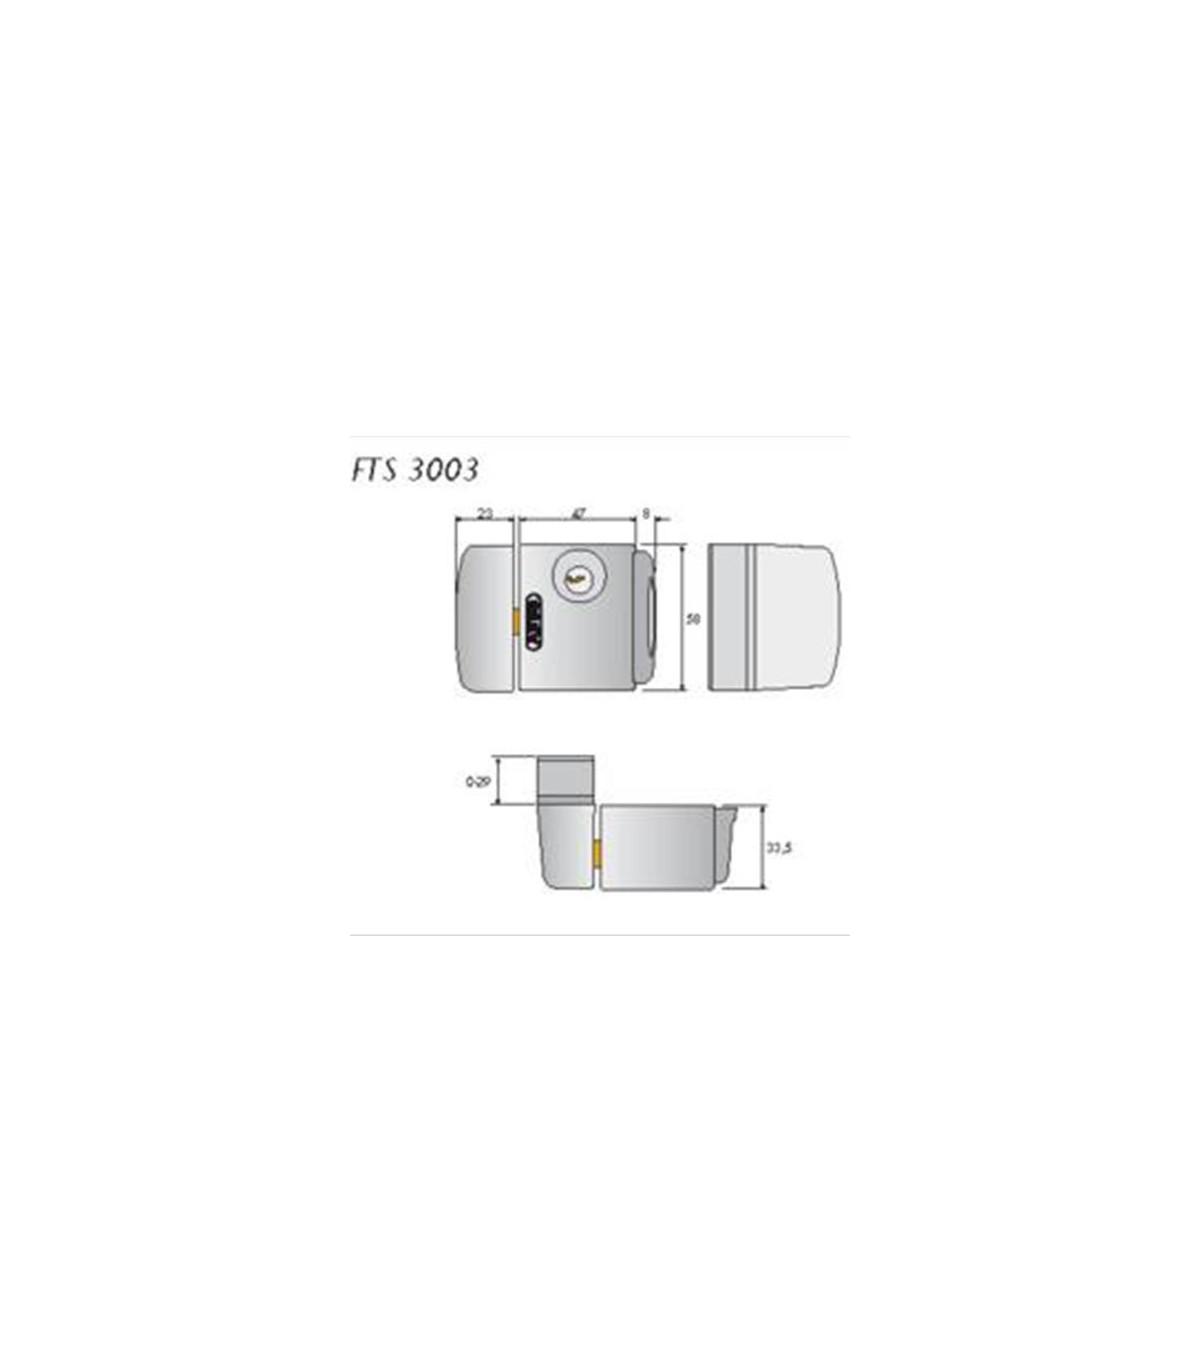 Cerrojo de presi/ón con soporte para ventana o puerta corredera blanco Abus FTS 3003 W